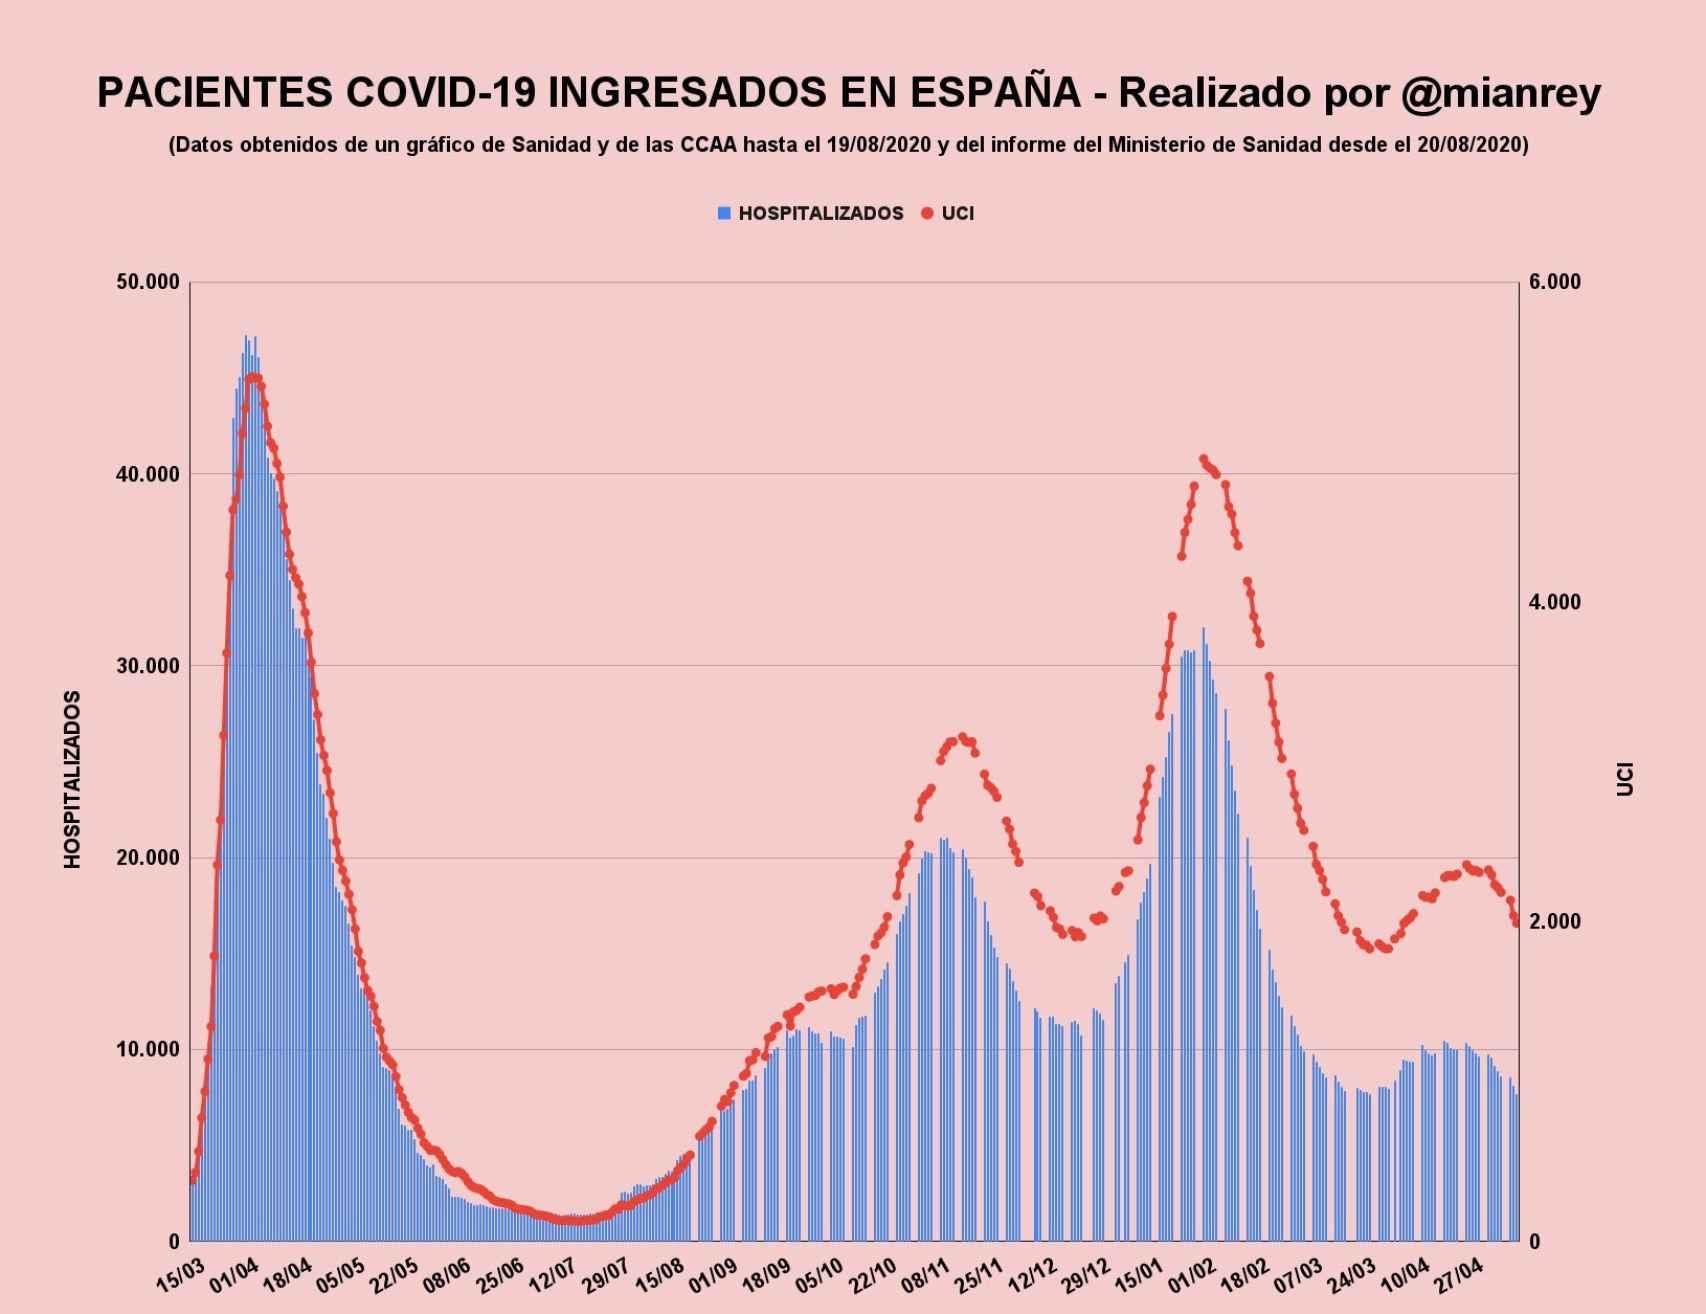 Pacientes Covid ingresados en España.